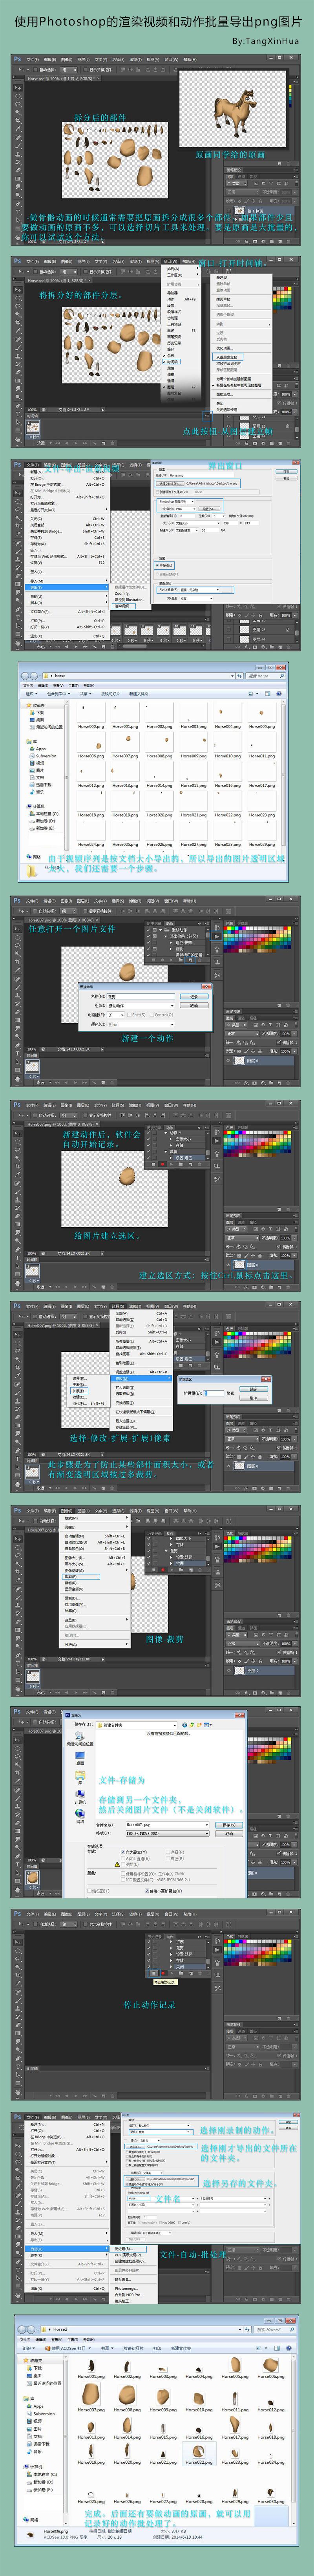 使用PS的视频渲染和动作功能批量导出PNG图片